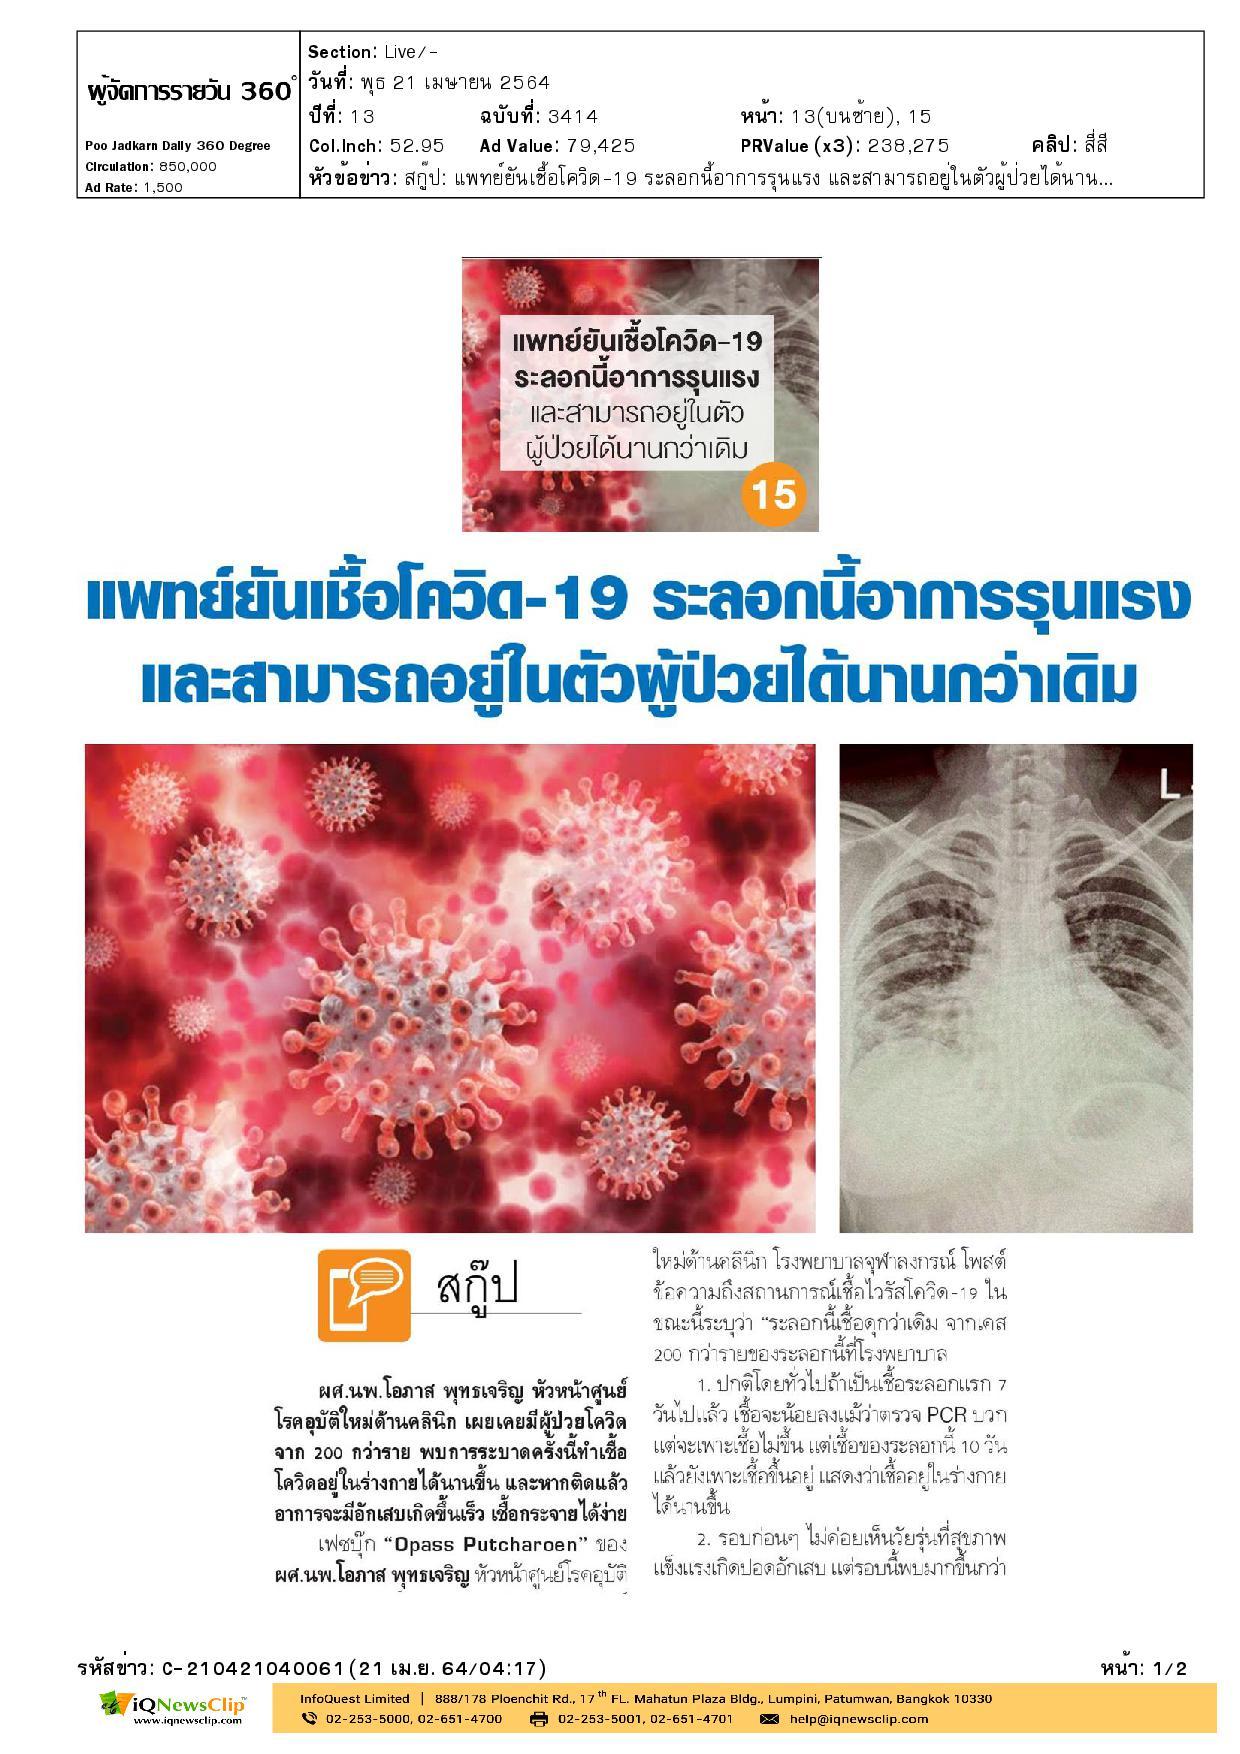 บทความ แพทย์ยันเชื้อโควิด-19 ระลอกนี้อาการรุนแรง และสามารถอยู่ในตัวผู้ป่วยได้นานกว่าเดิม